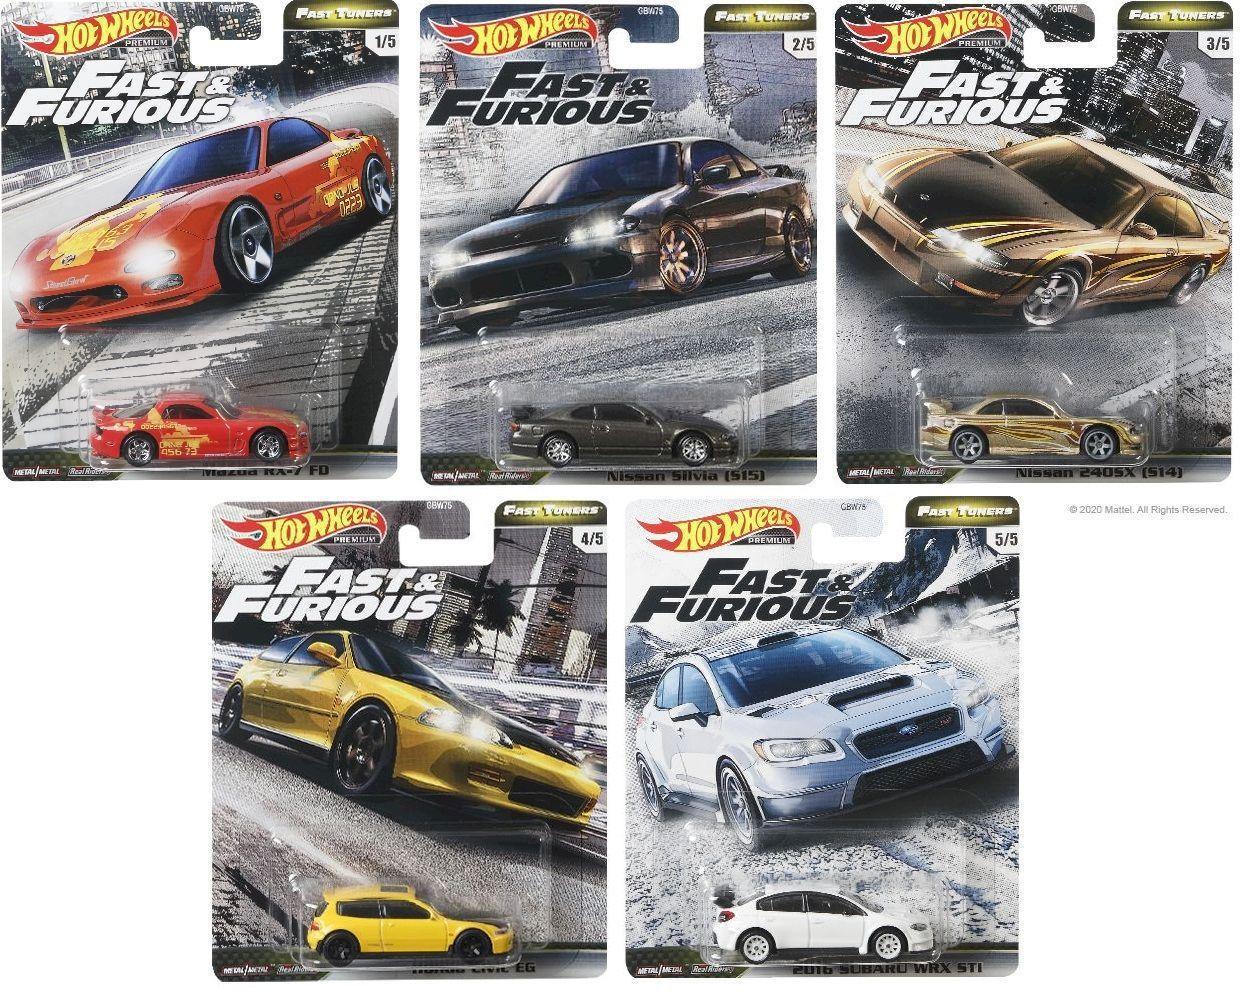 Colecao Completa Com 5 Miniaturas Fast Furious Velozes E Furiosos Fast Tuners 1 64 Hot Wheels Premium Carrinho De Brinquedo Magazine Luiza